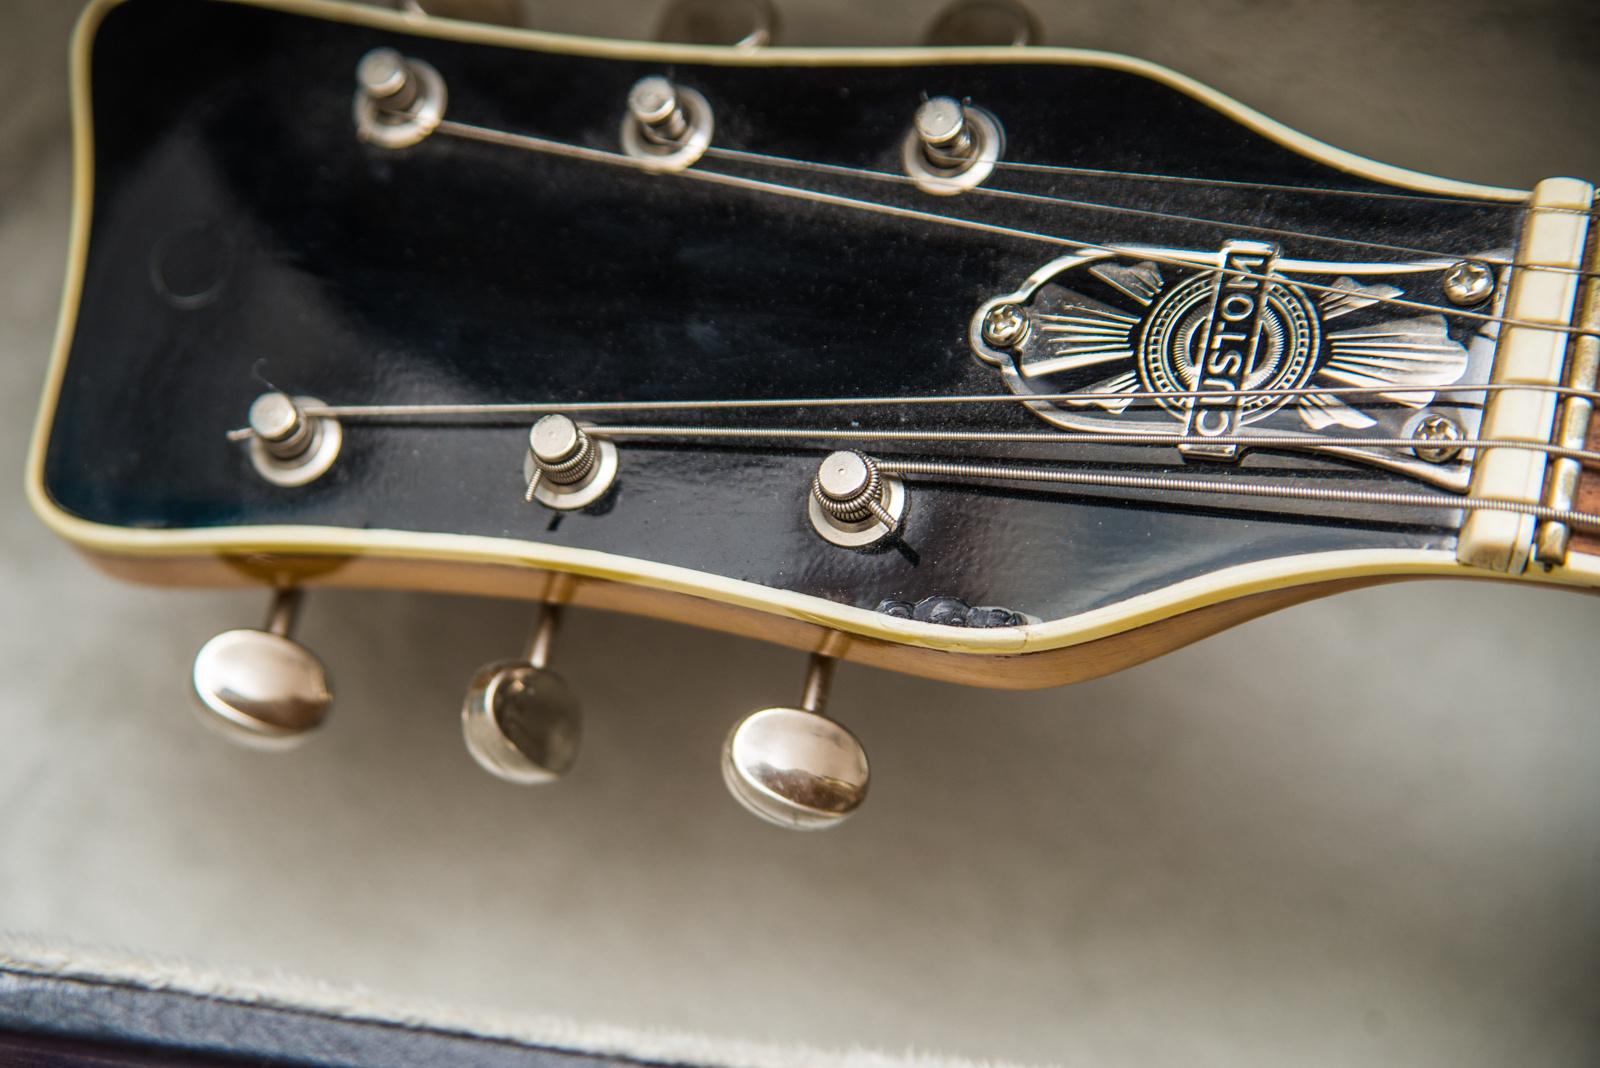 DSC 3995